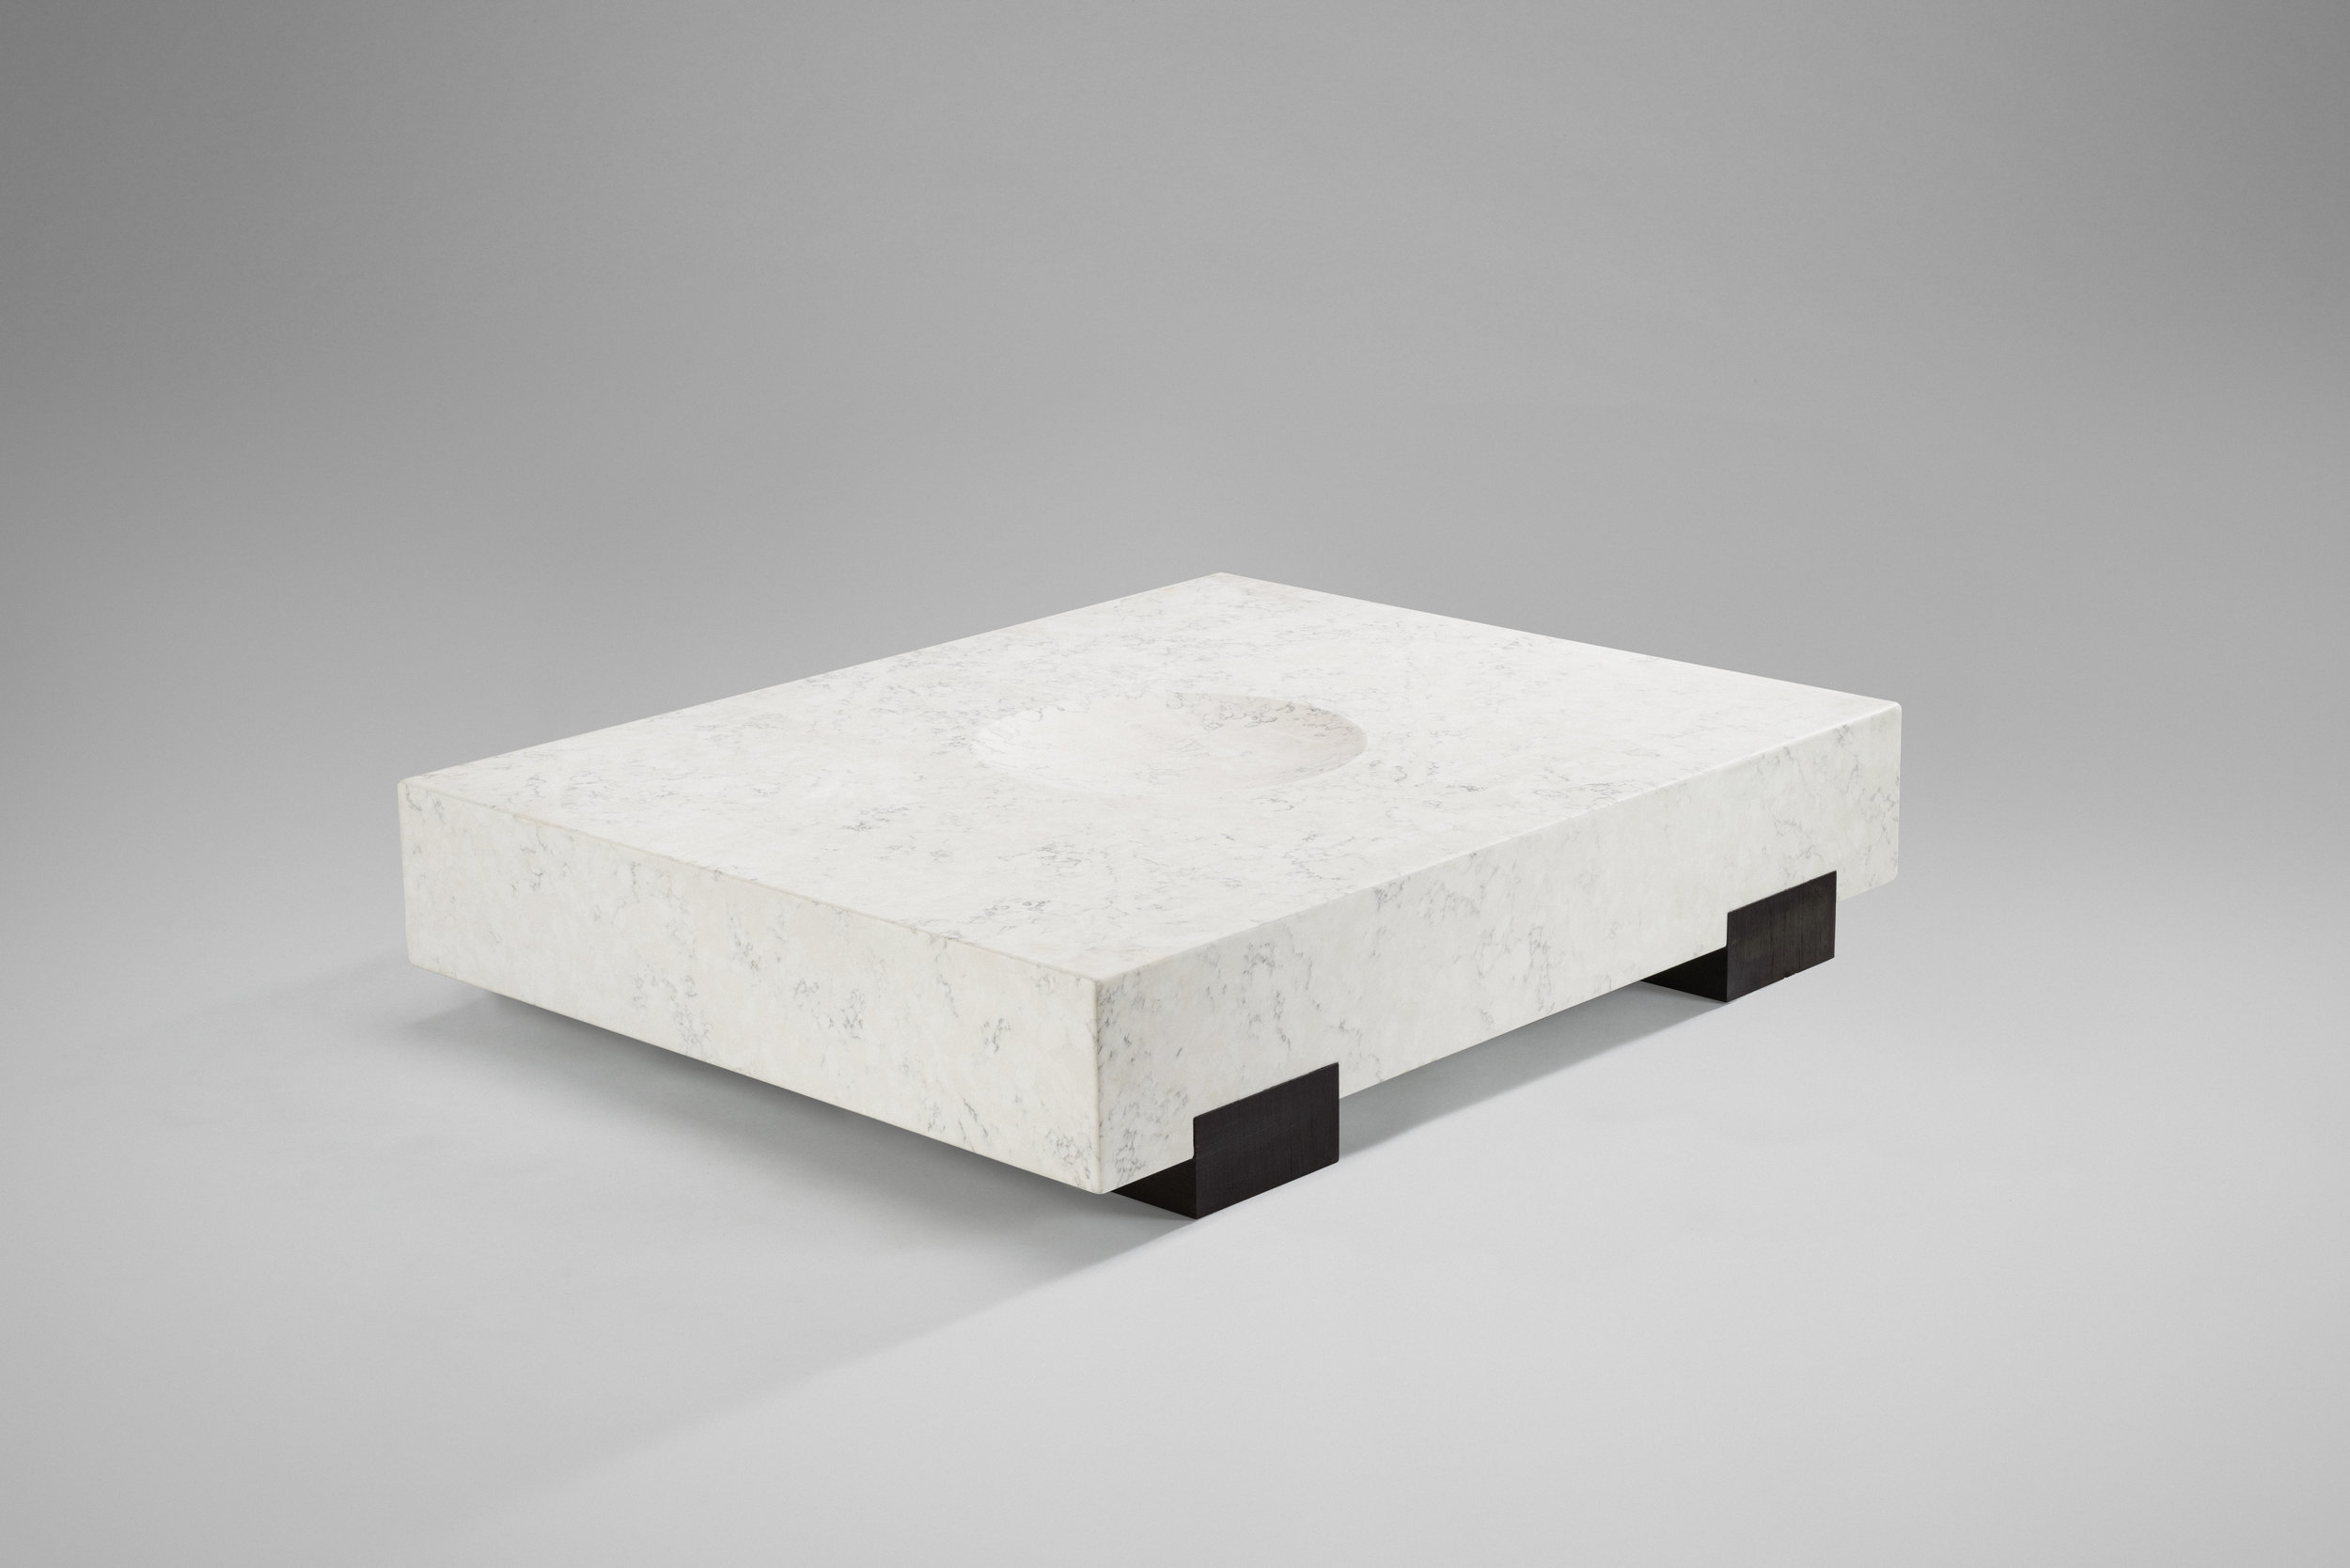 2018  Carrara smoky quartz, recreated ebony wood  H26 x L125 x D100 cm / H10.2 x L49.2 x D39.4 in